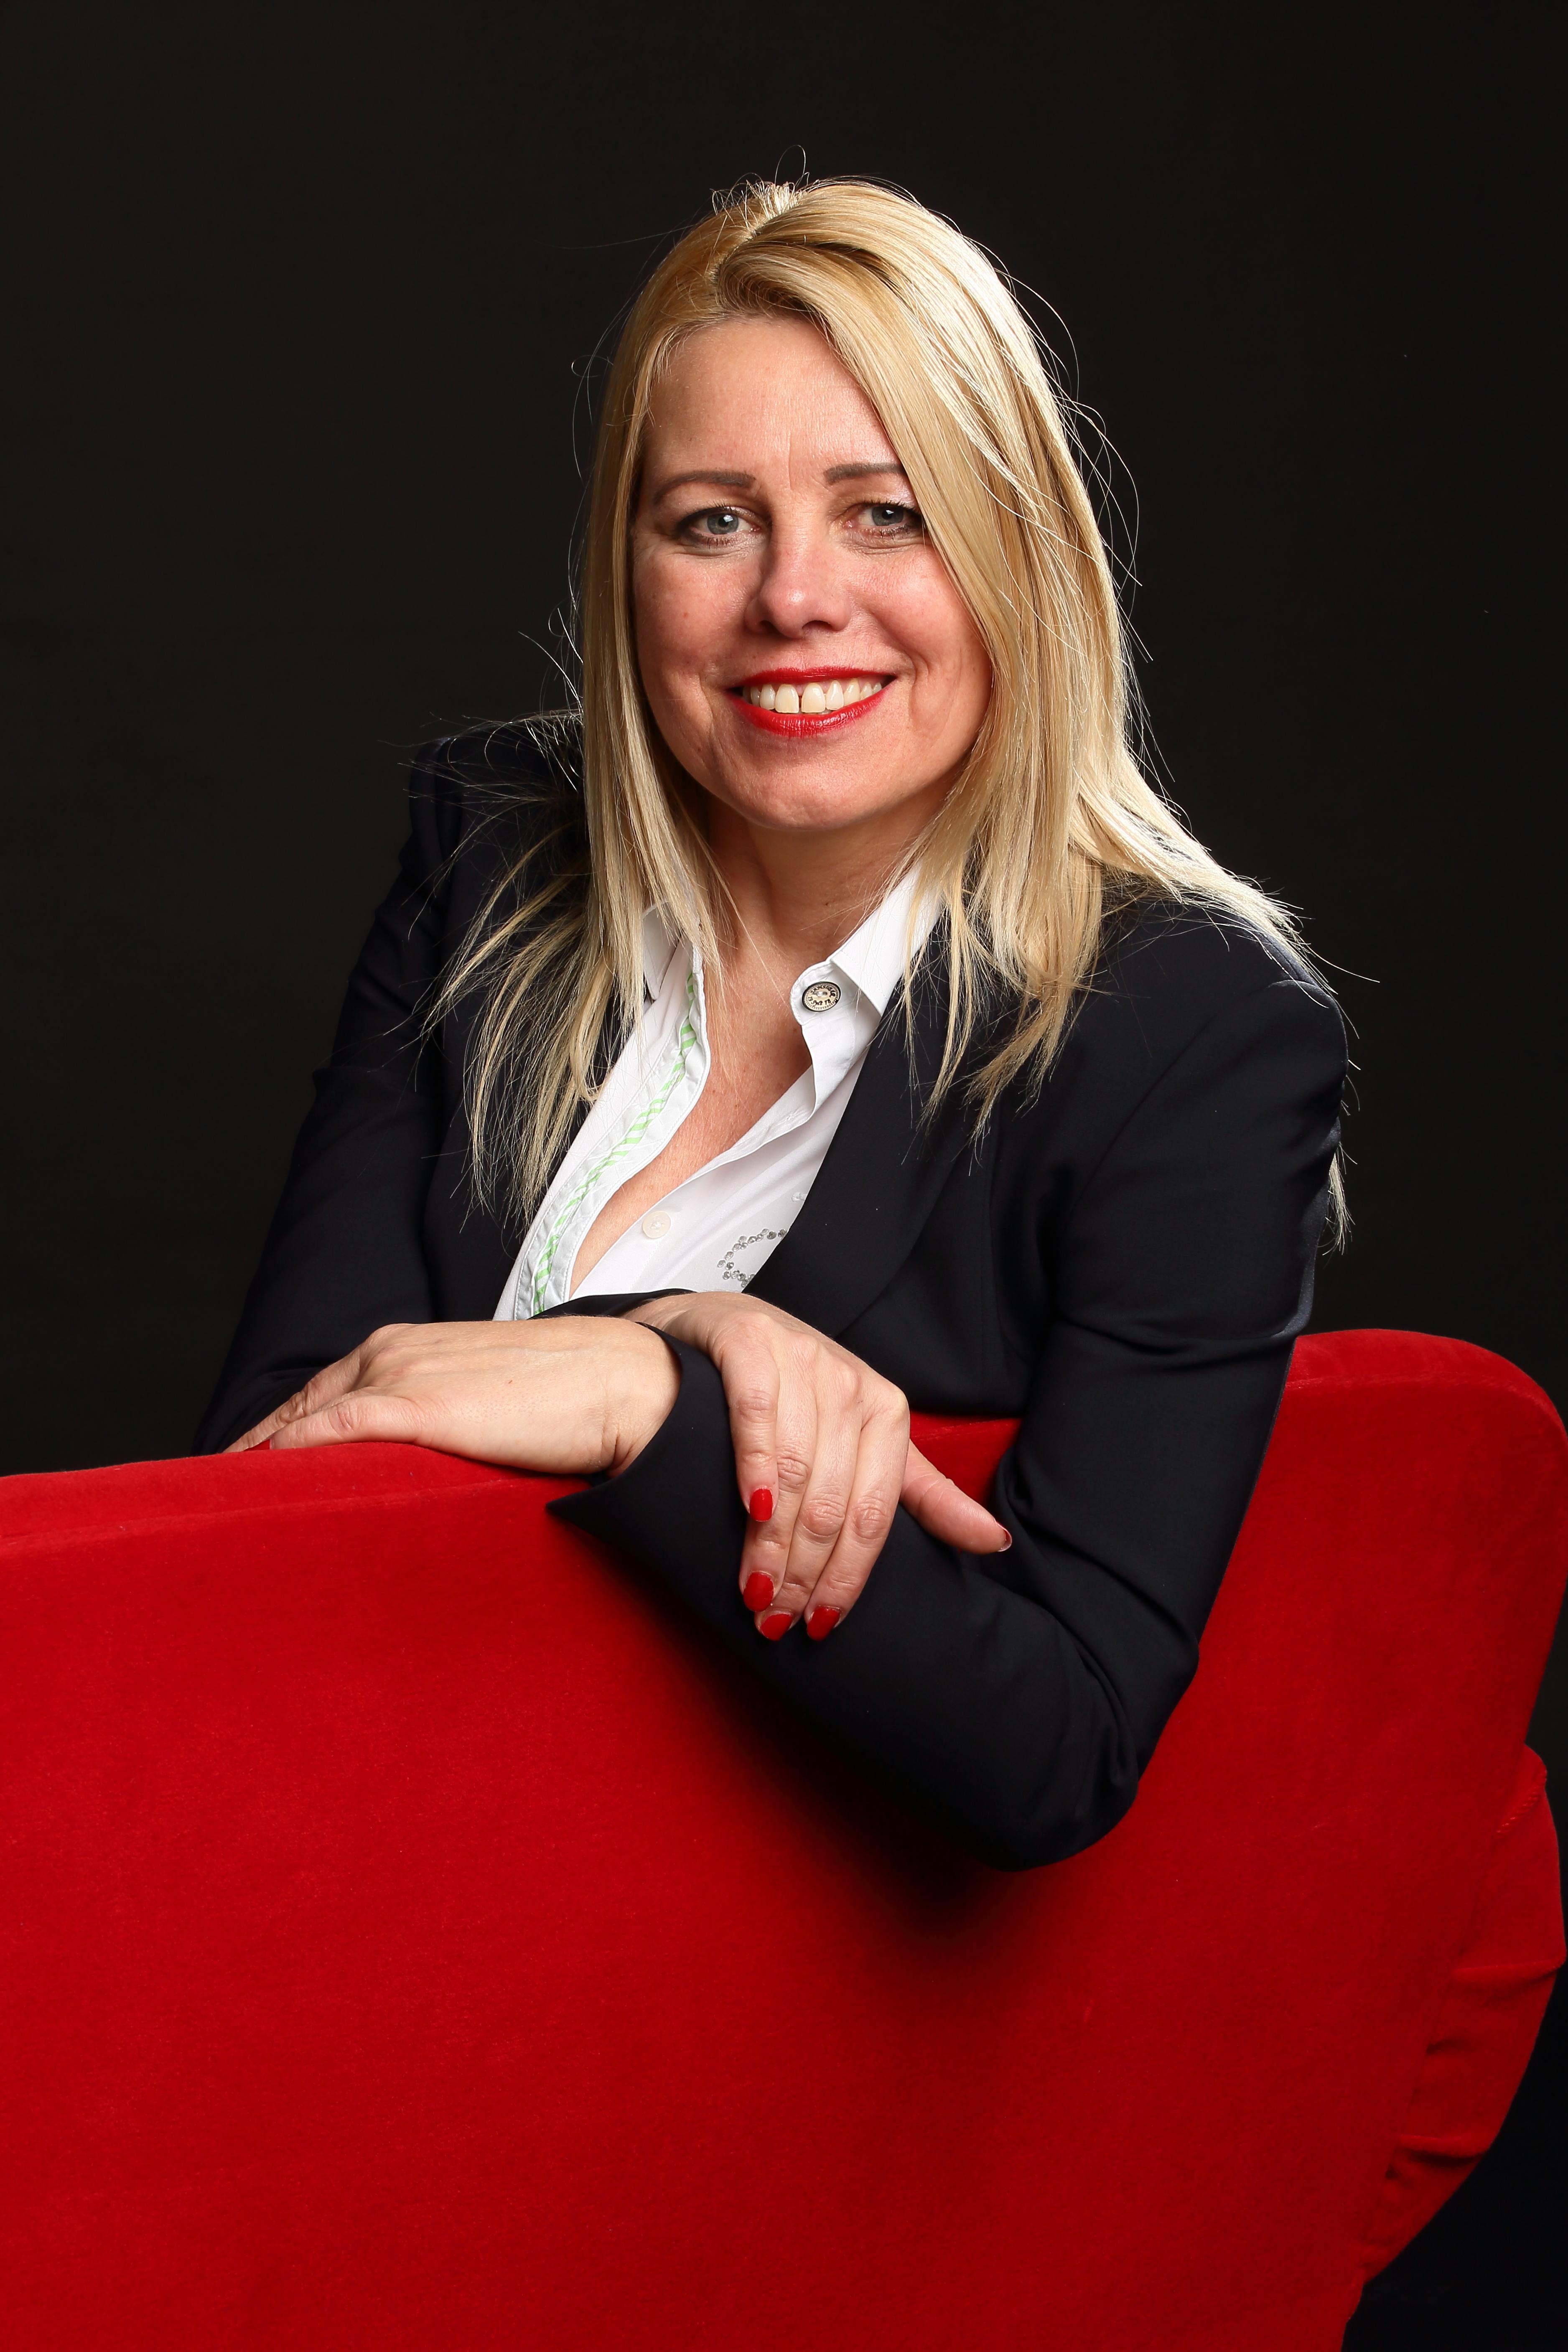 Stefanie Schmidt-Weiss